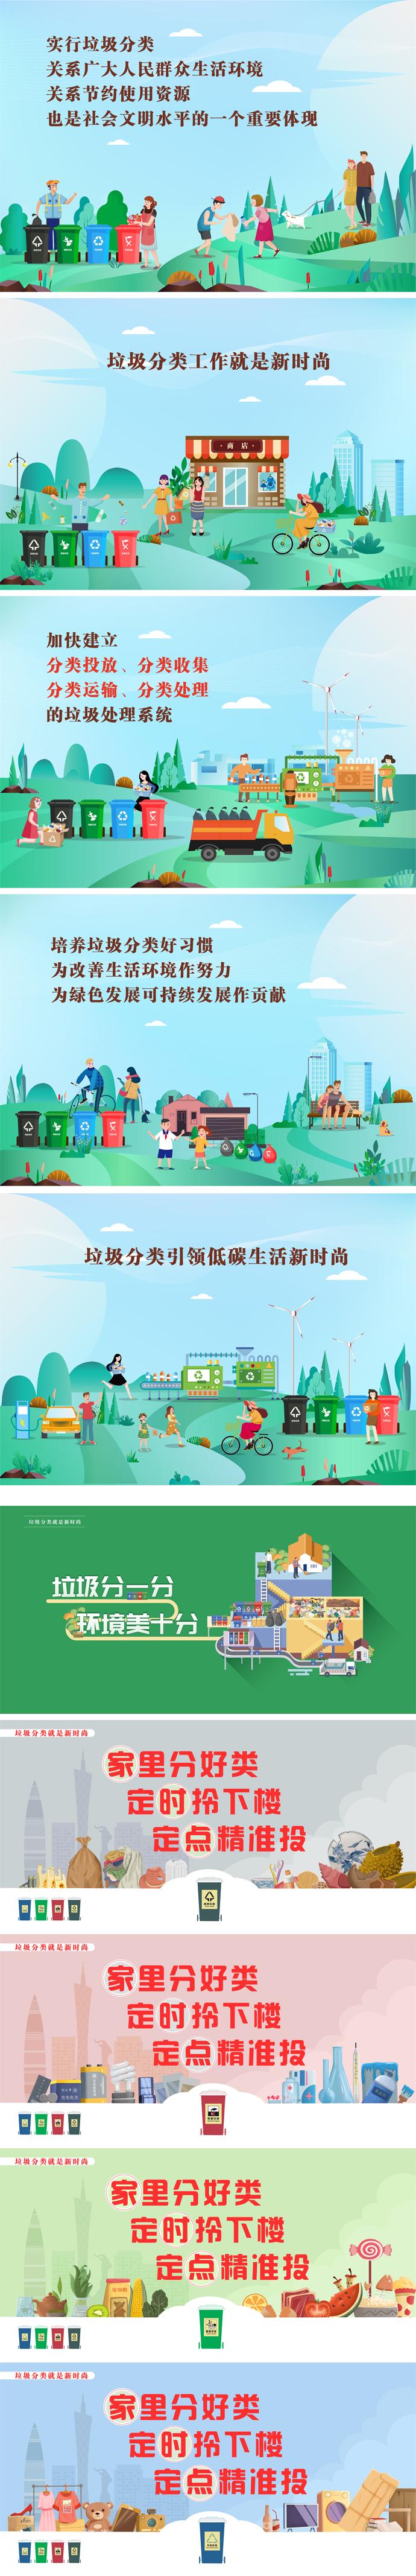 垃圾分类主题宣传画(图说我们的价值观).jpg